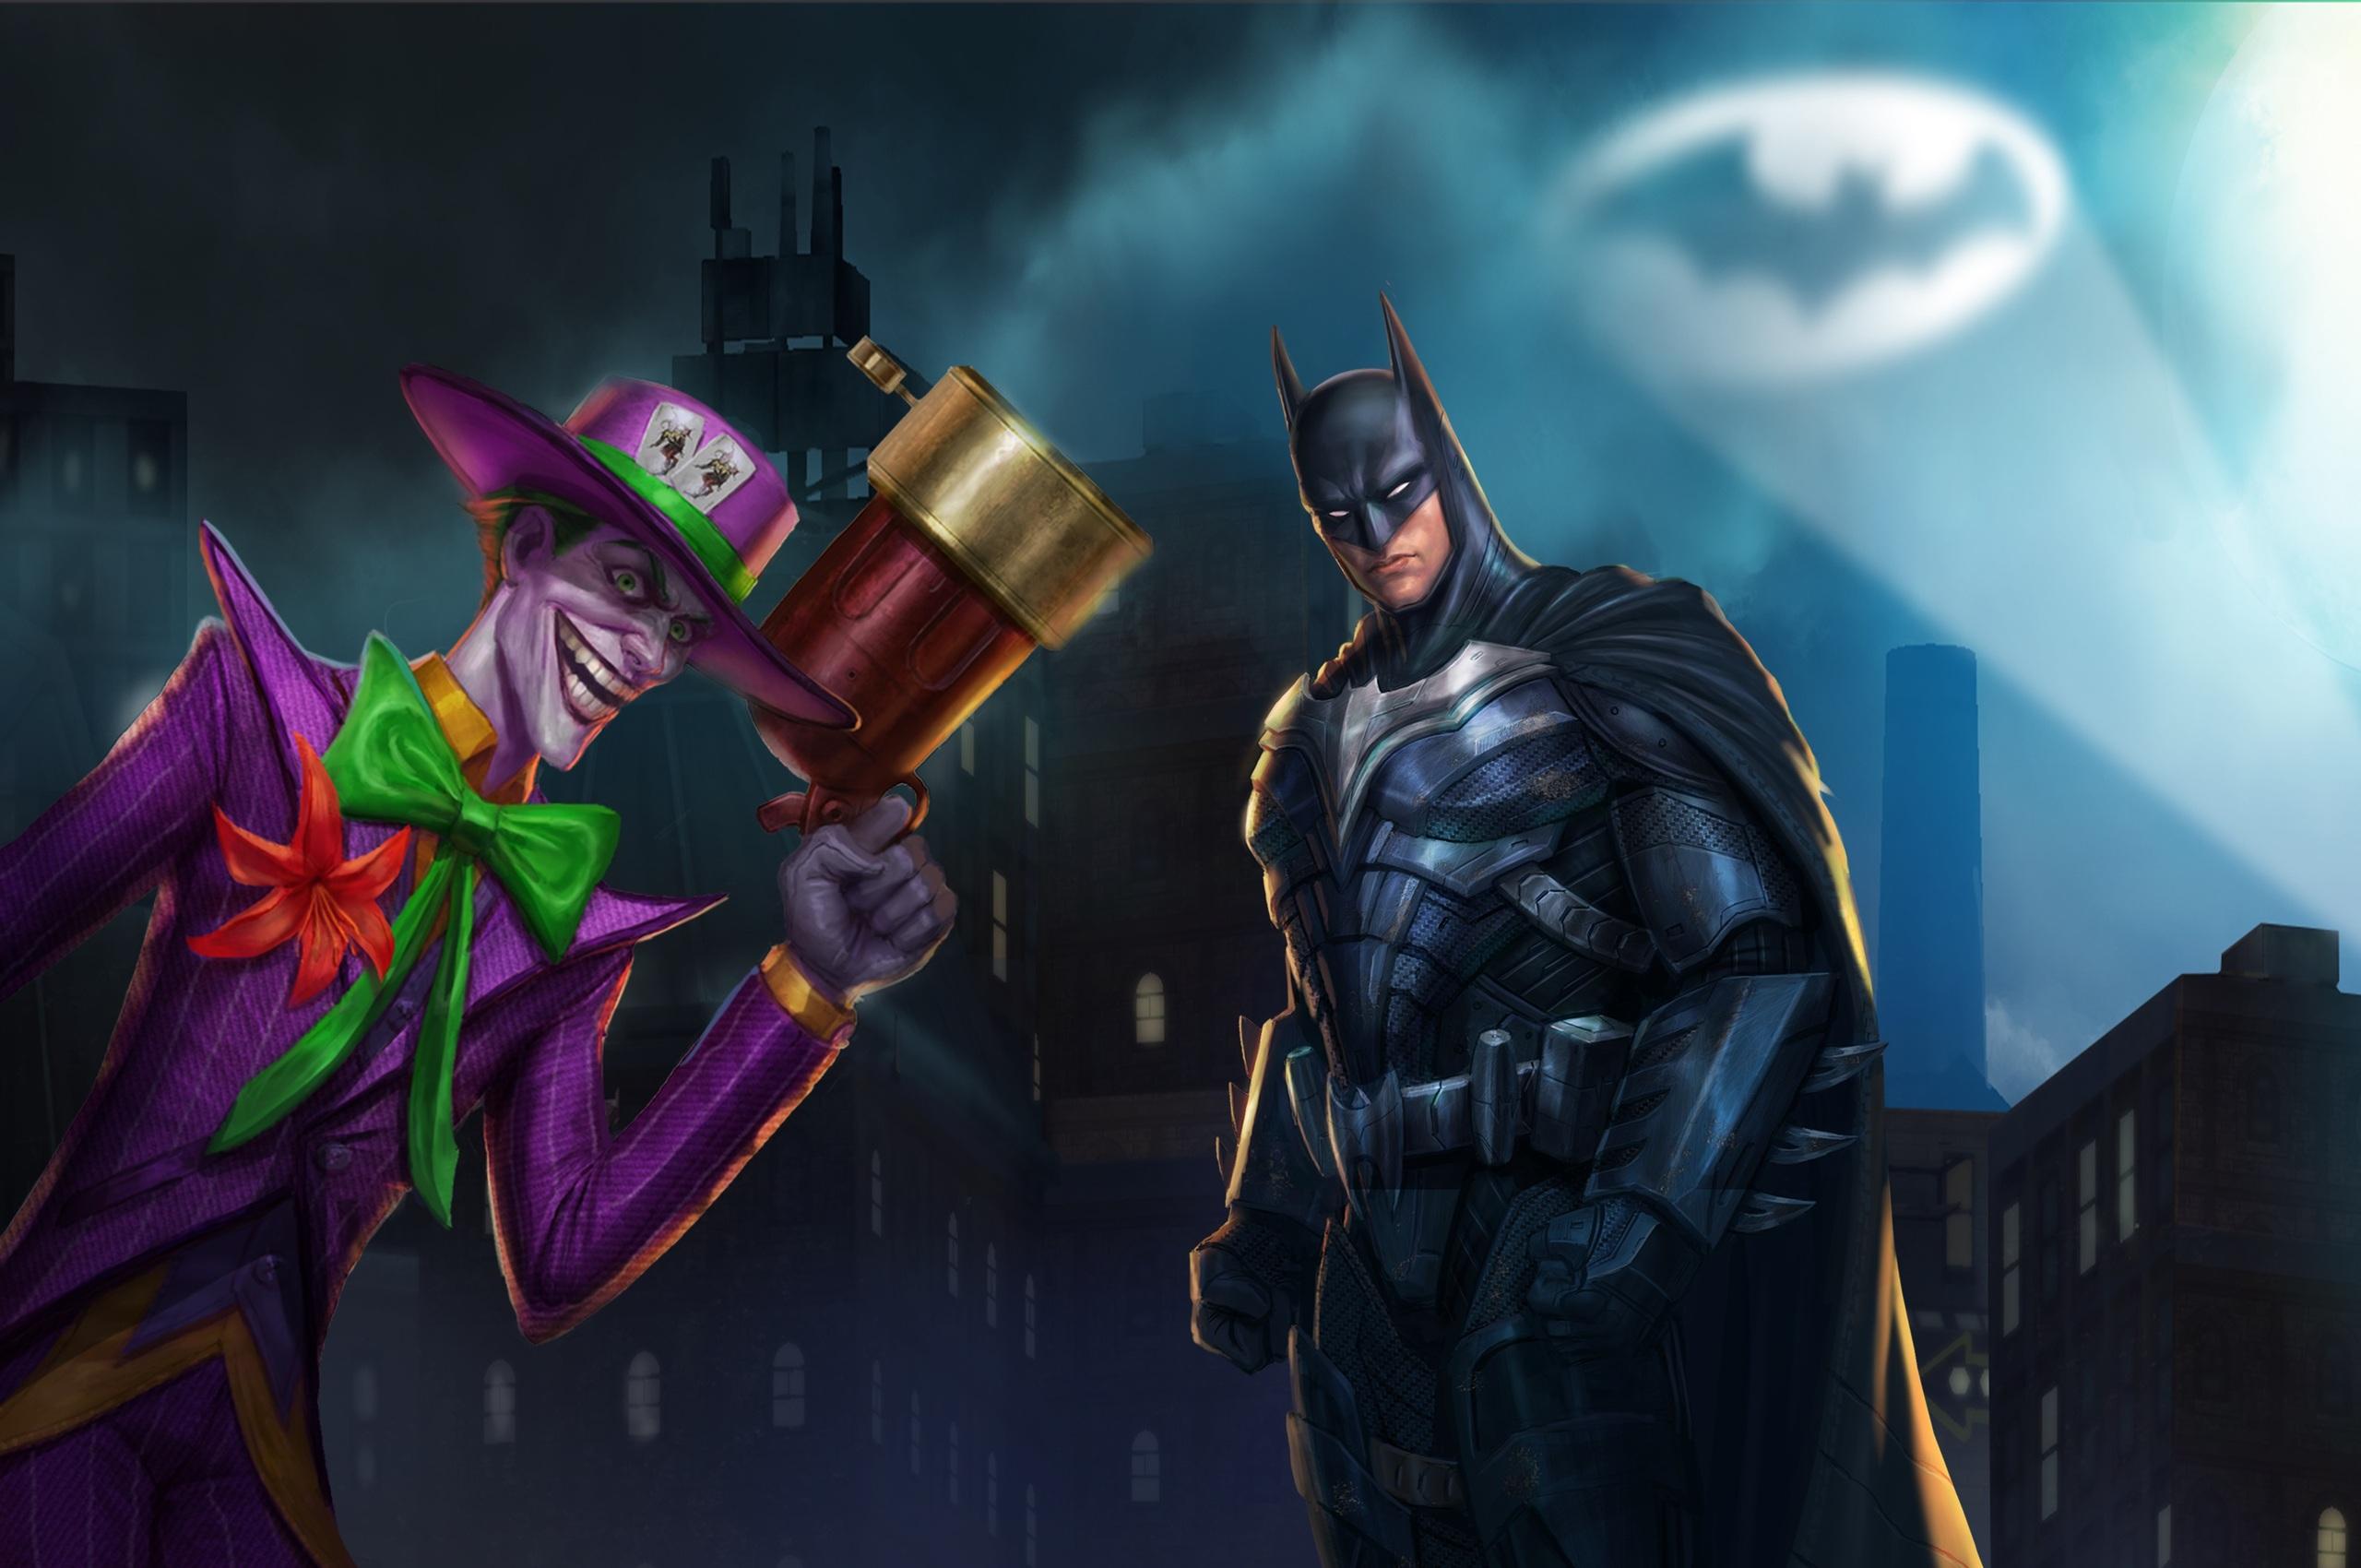 batman-and-joker-4k-art-rm.jpg